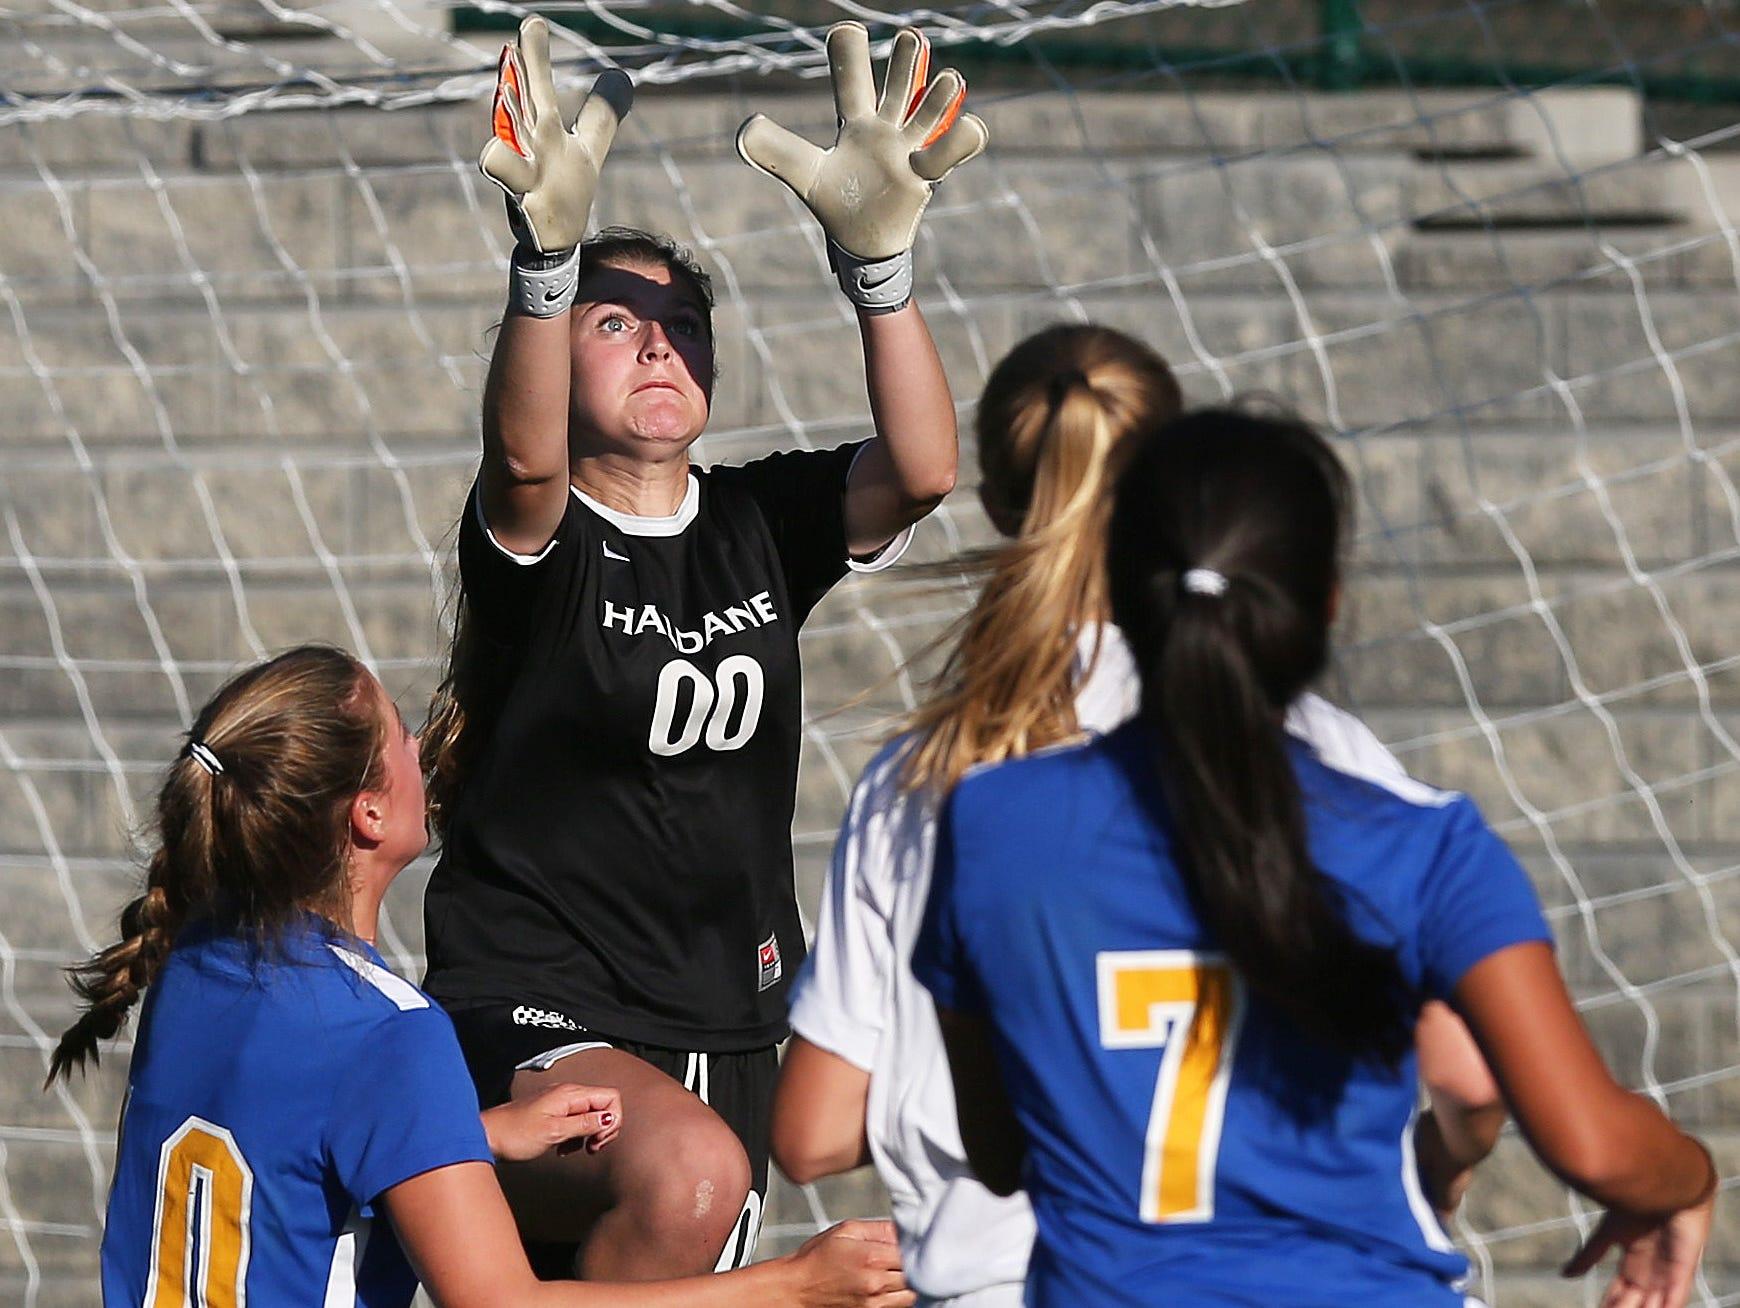 Haldane's goalkeeper Sara Labriola (00) makes a save against North Salem during a girls soccer game at Haldane High School in Cold Spring Sept. 24, 2015. Haldane defeated North Salem 3-1.